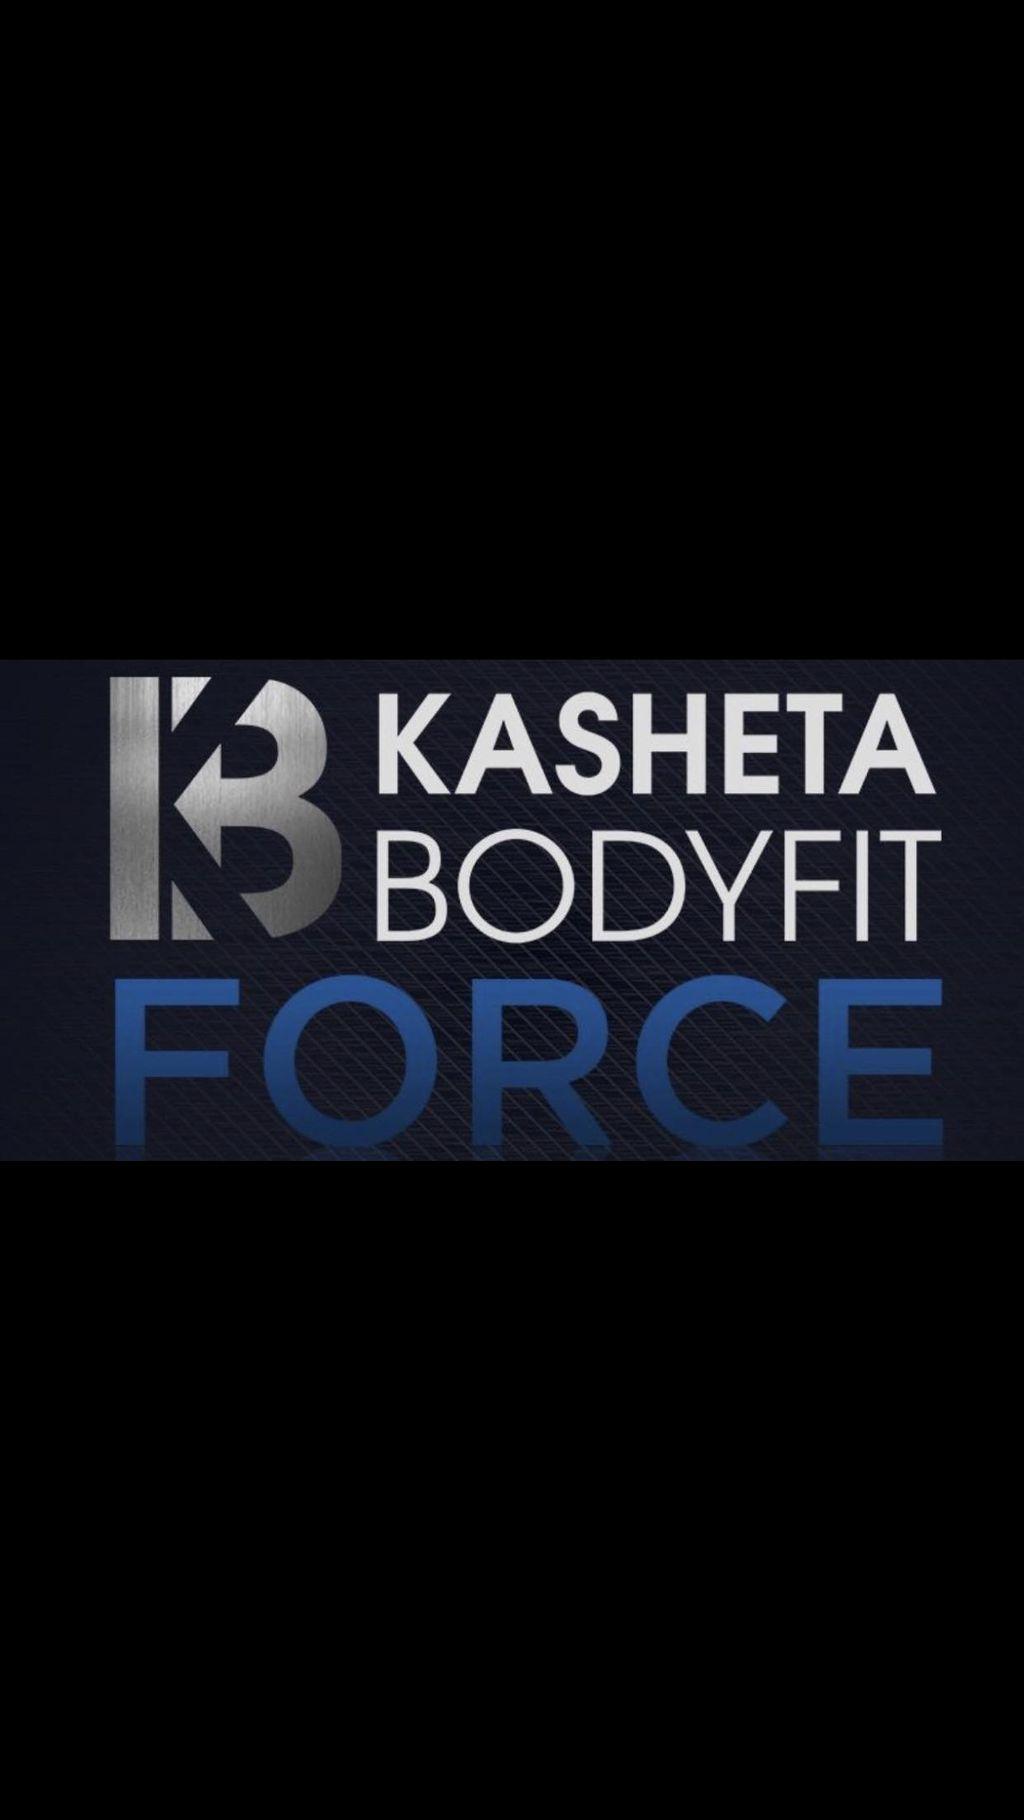 Kasheta BodyFit